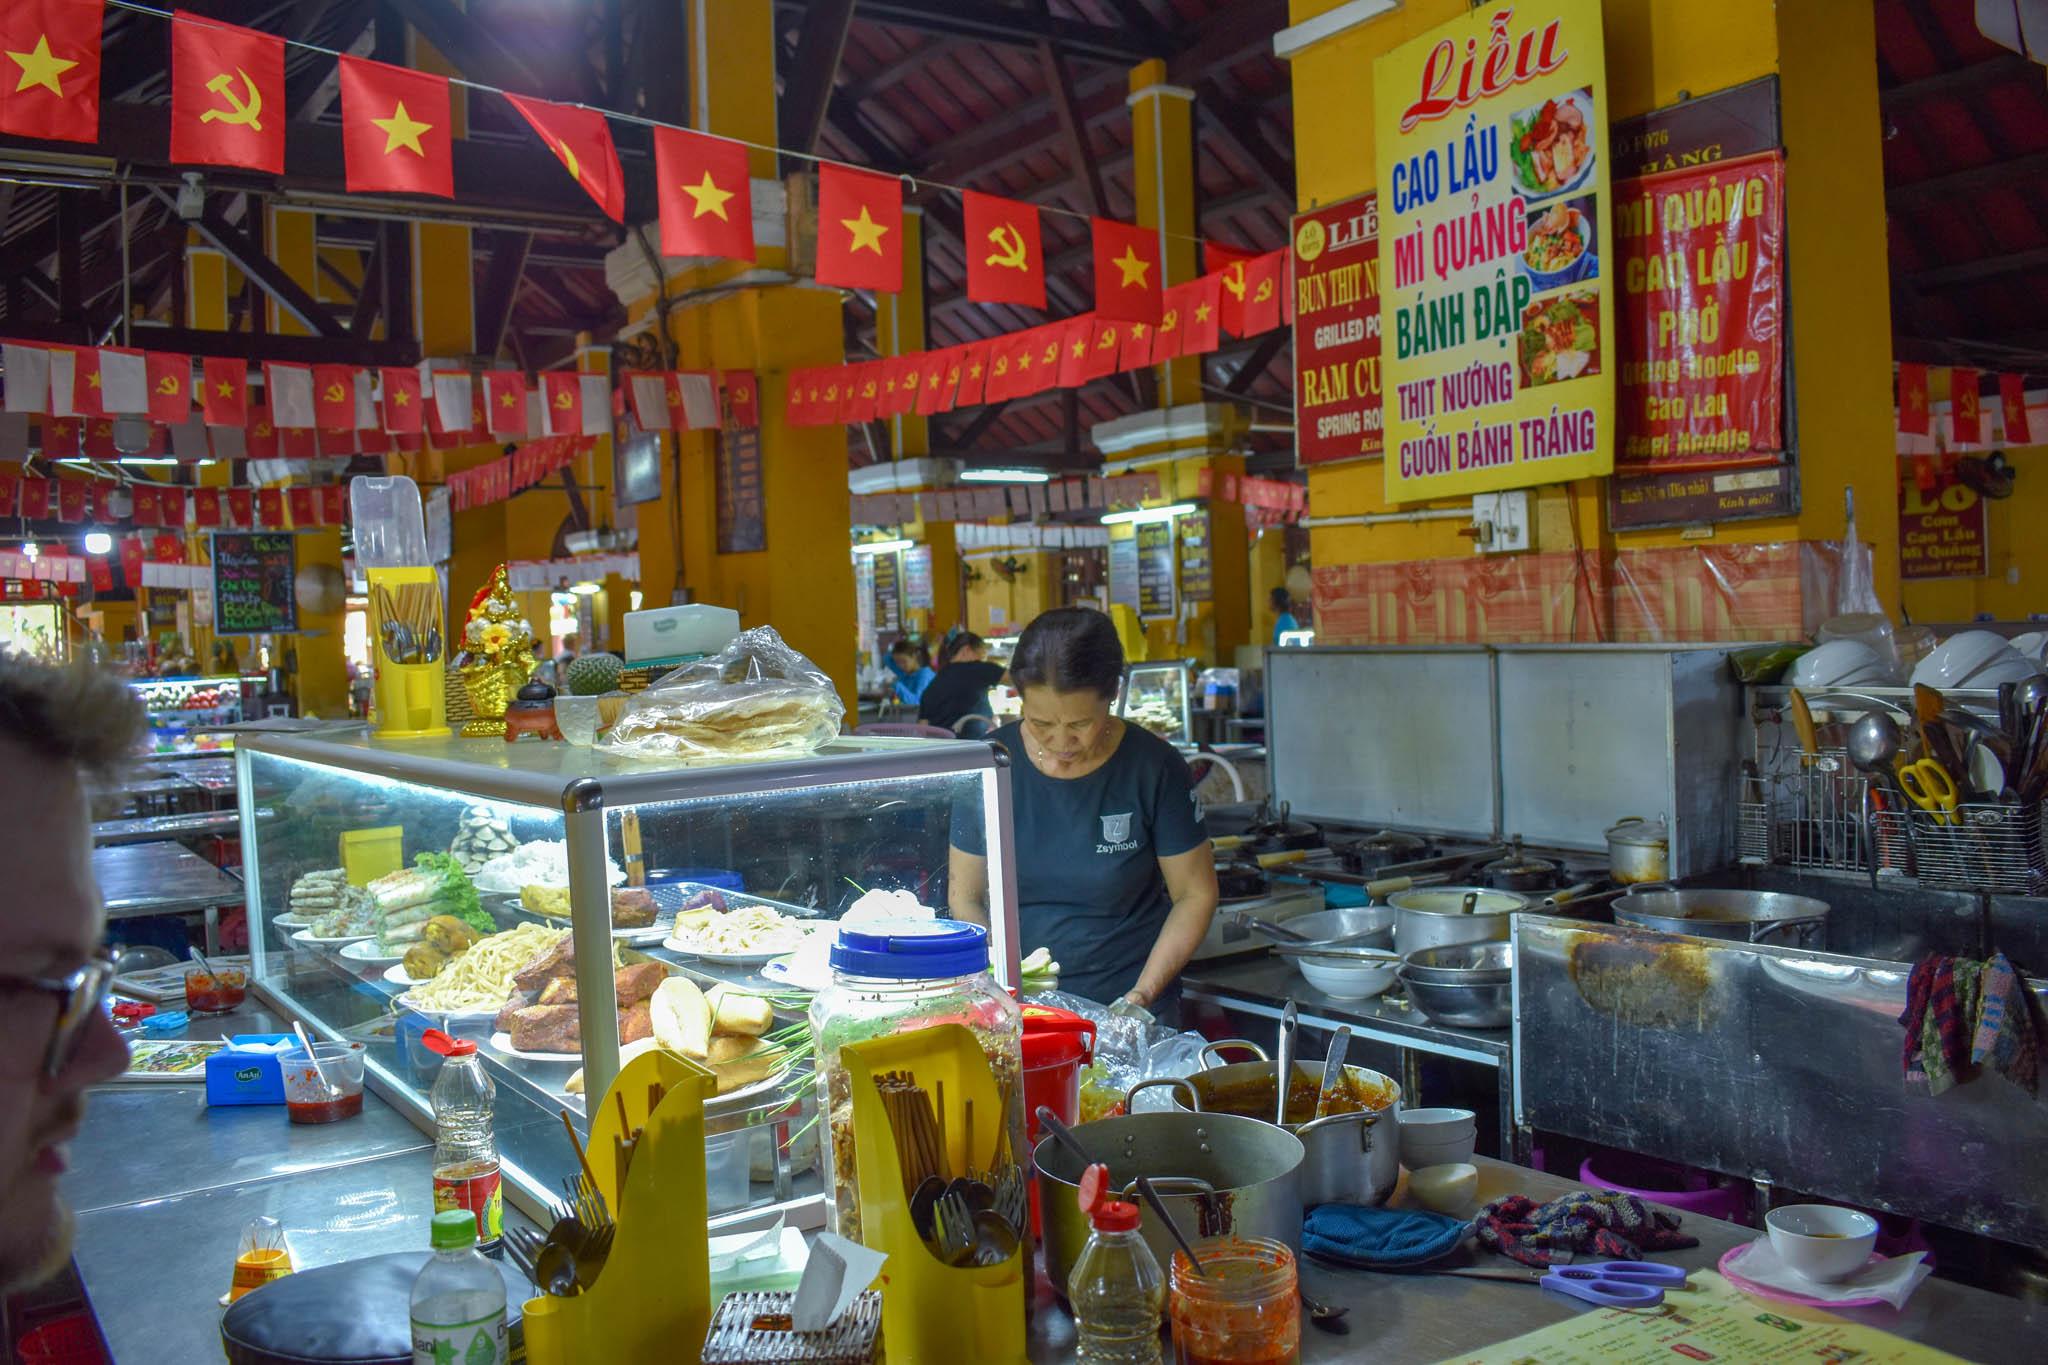 uprooted-traveler-ms-lieu-central-market-hoi-an-vegan-bahn-mi-chay.jpg